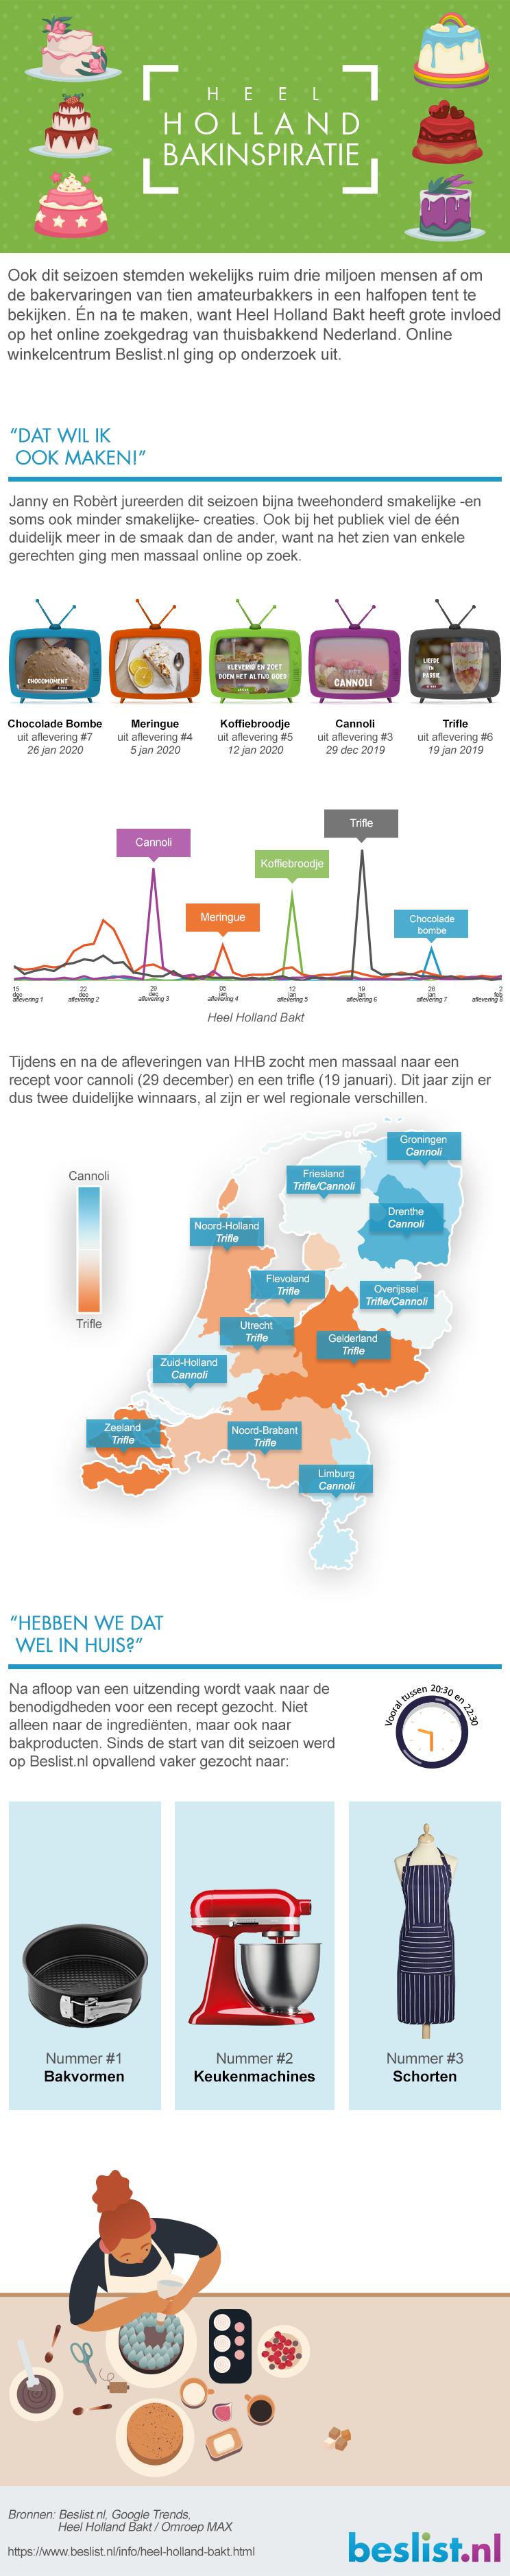 Infographic: Heel Holland Bakt inspiratie